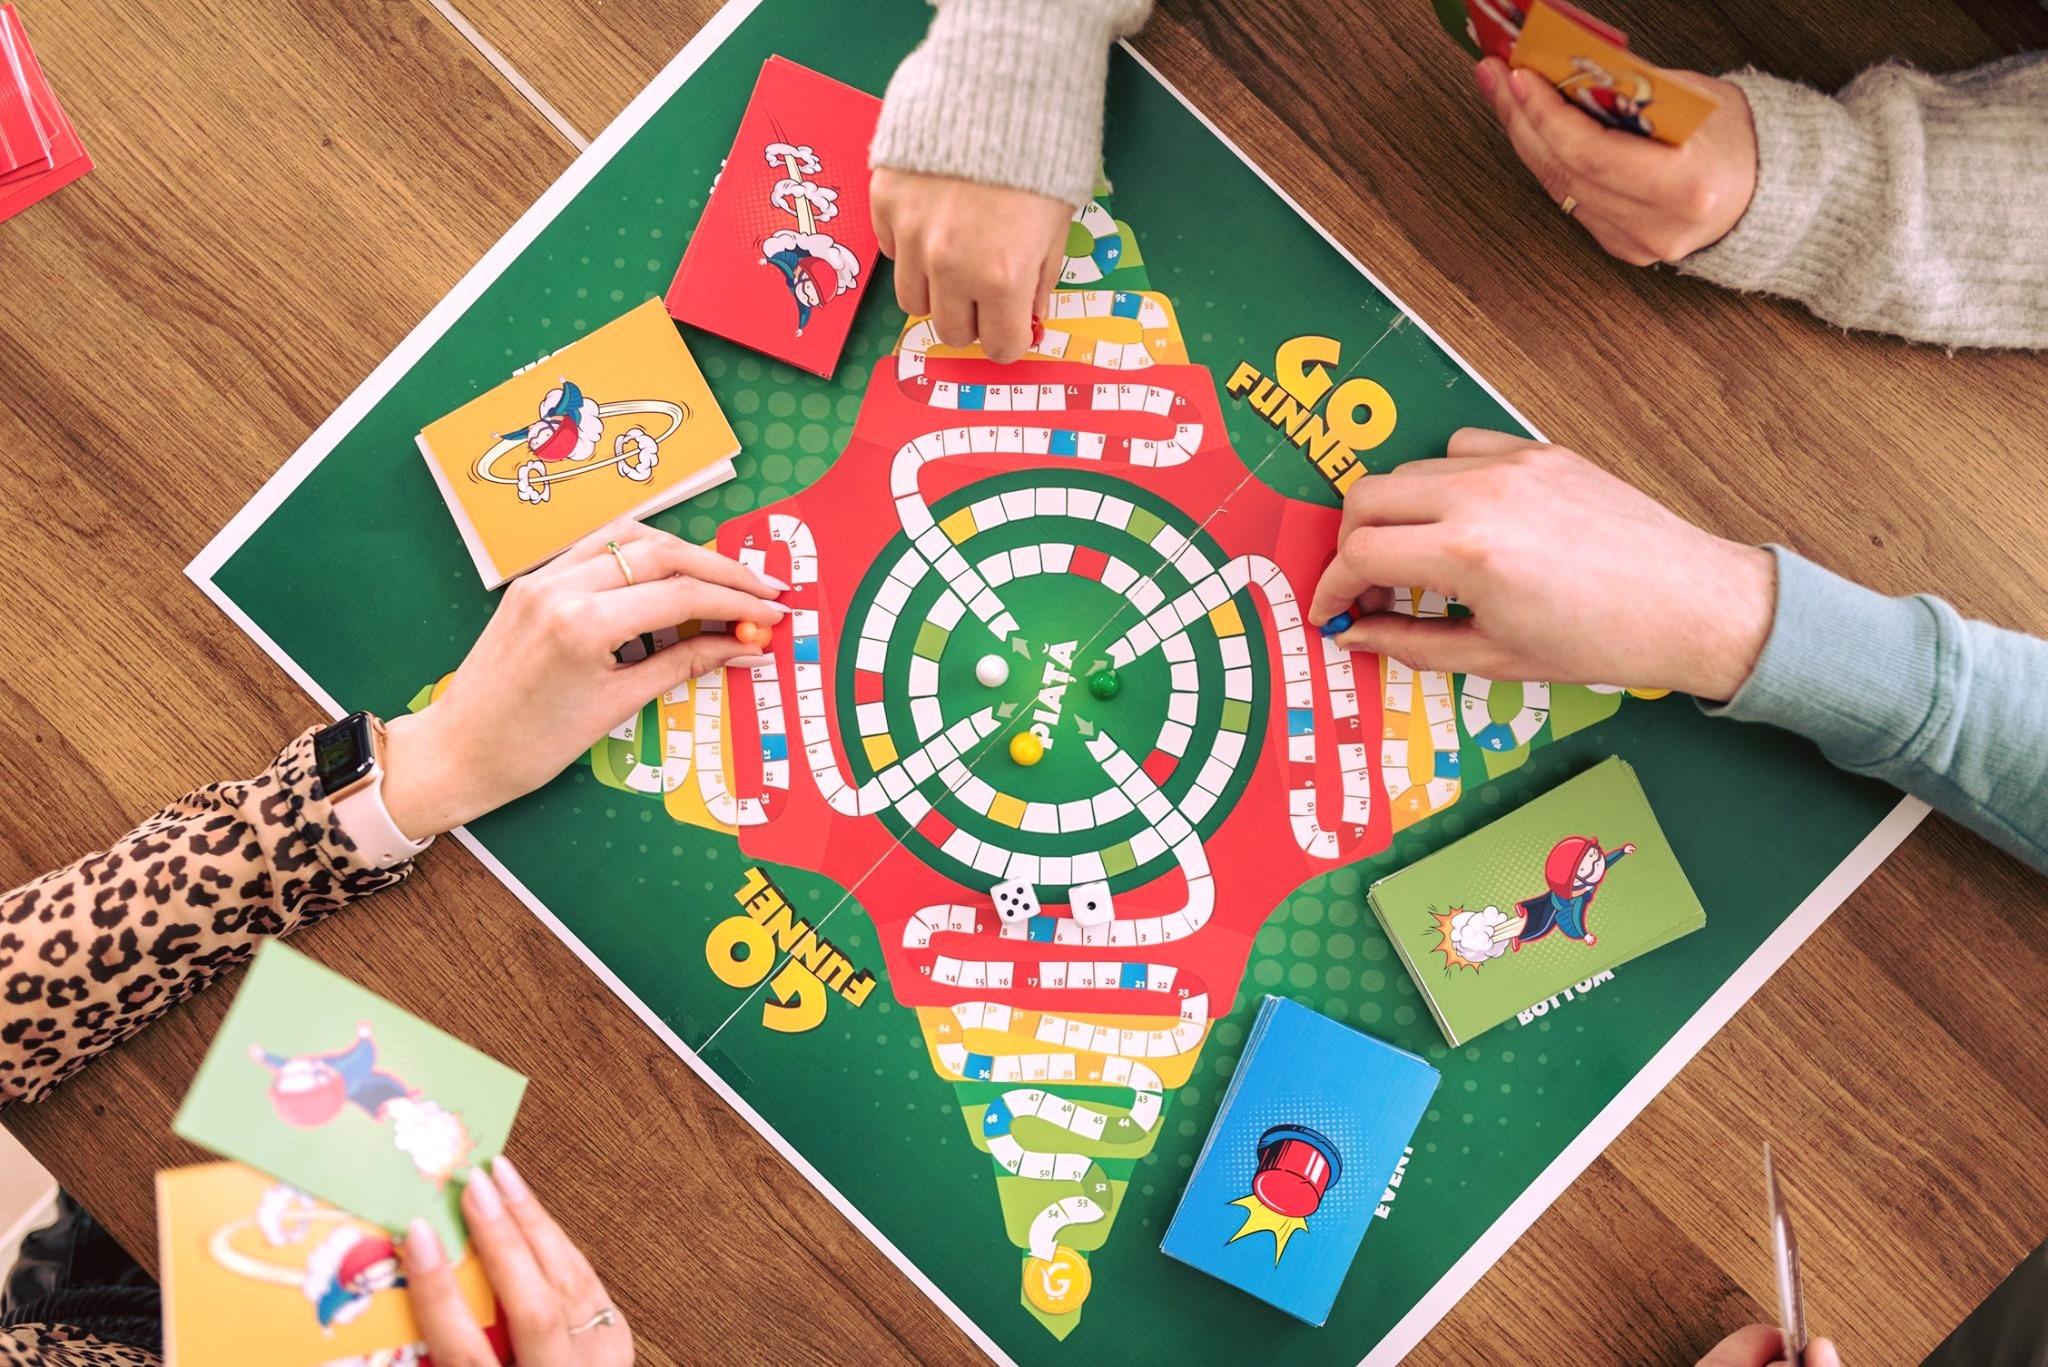 5 Jocuri pentru antreprenori - Ce lectii de business poti invata din board games